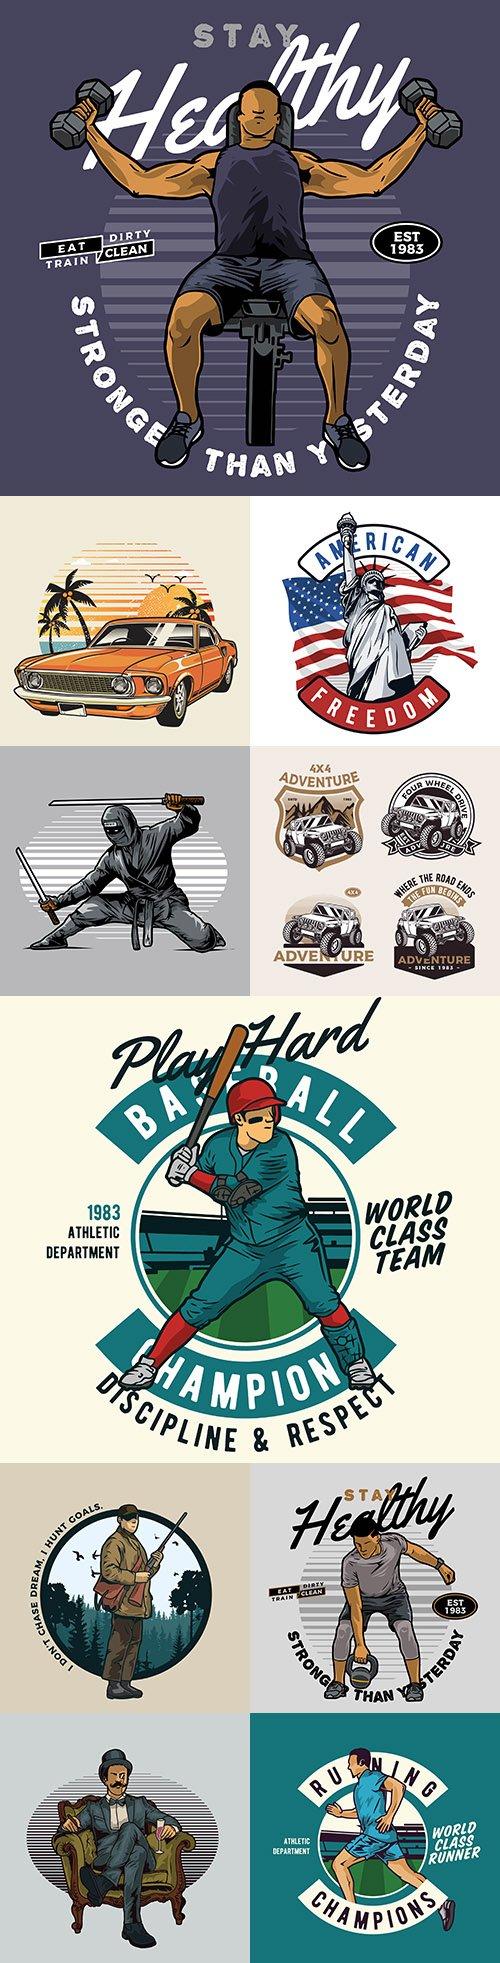 Vintage emblem sport and hobby drawing illustration